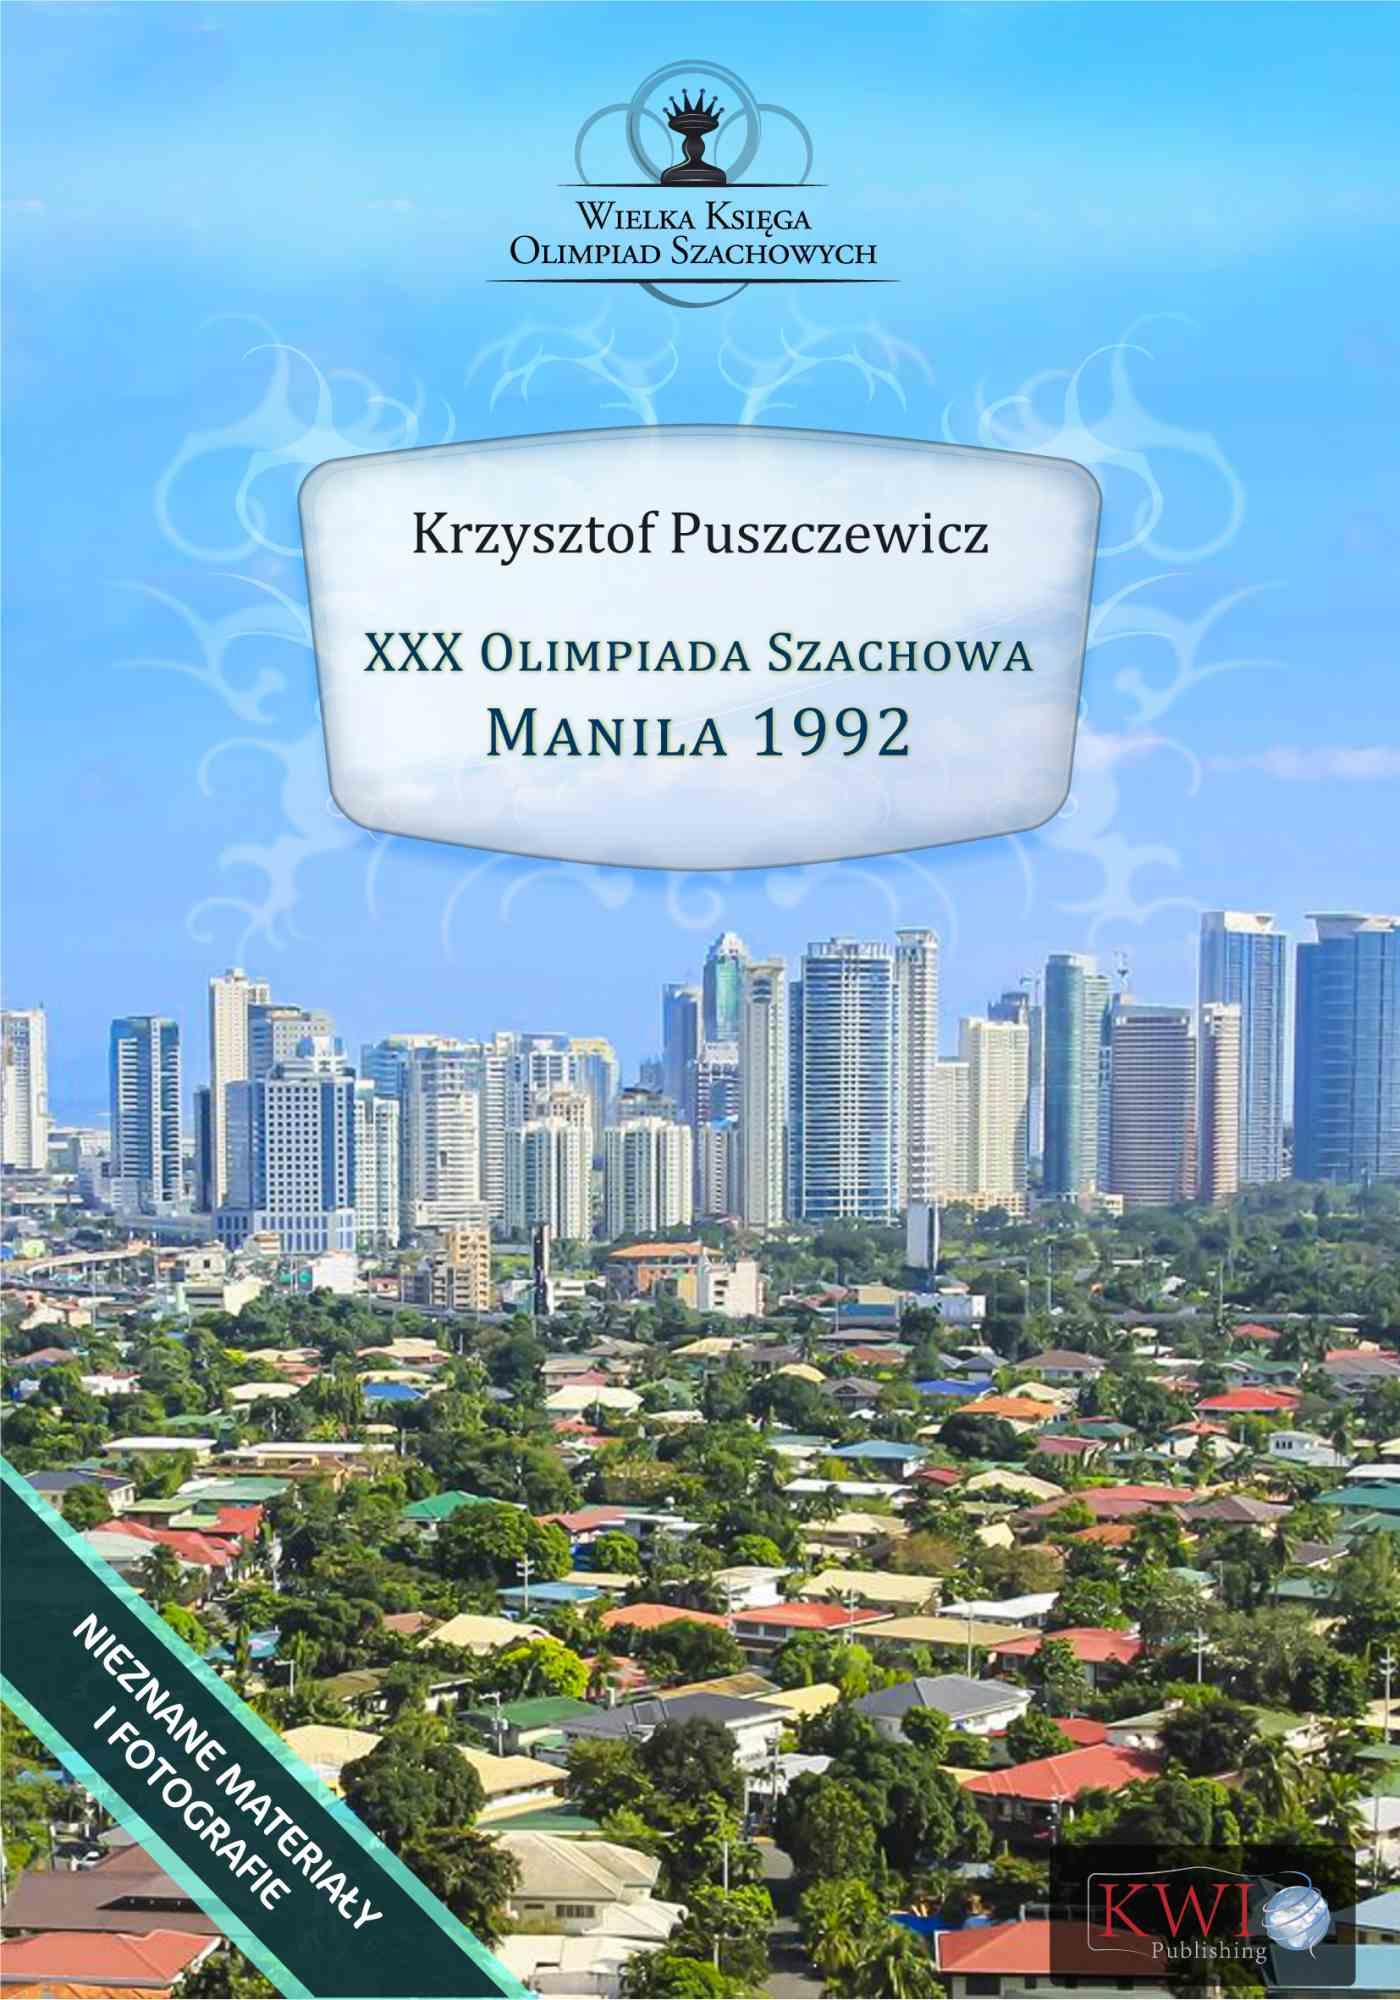 XXX Olimpiada Szachowa Manila 1992 - Ebook (Książka na Kindle) do pobrania w formacie MOBI